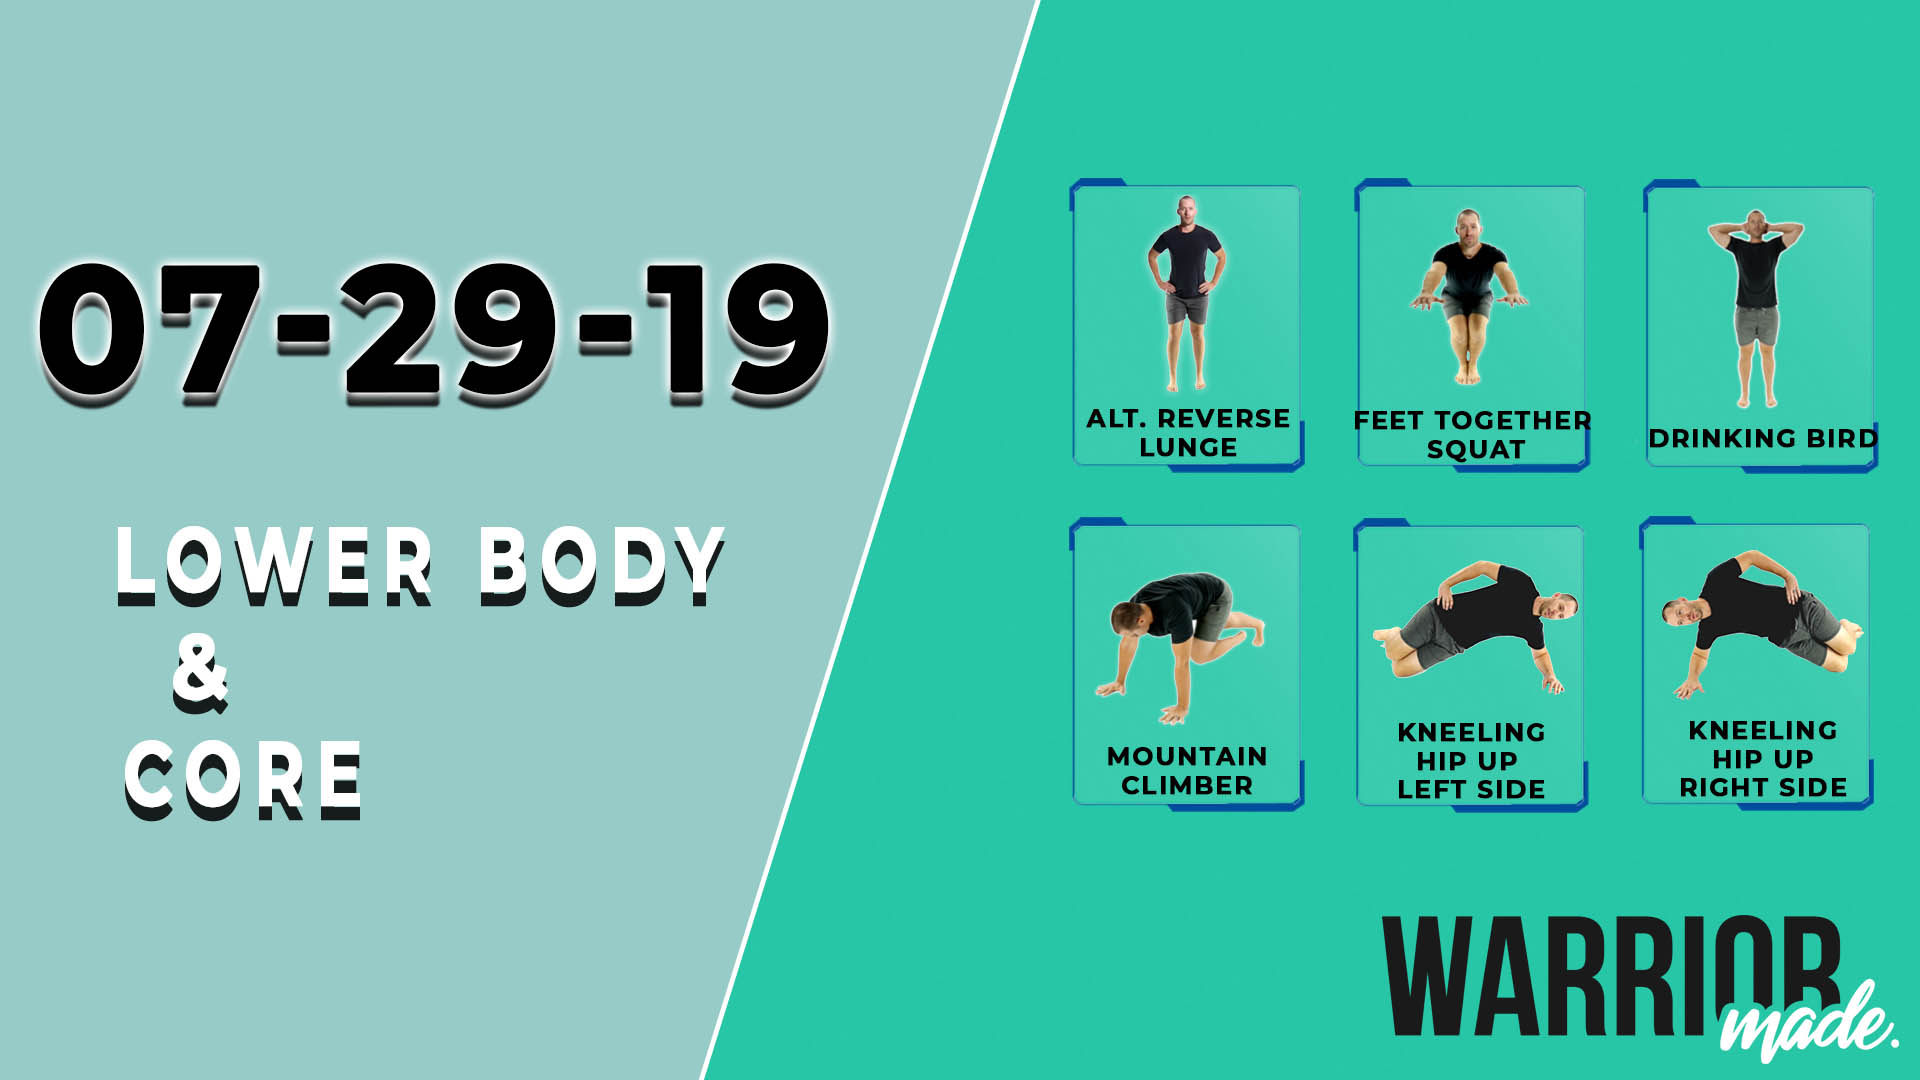 workouts-07-29-19